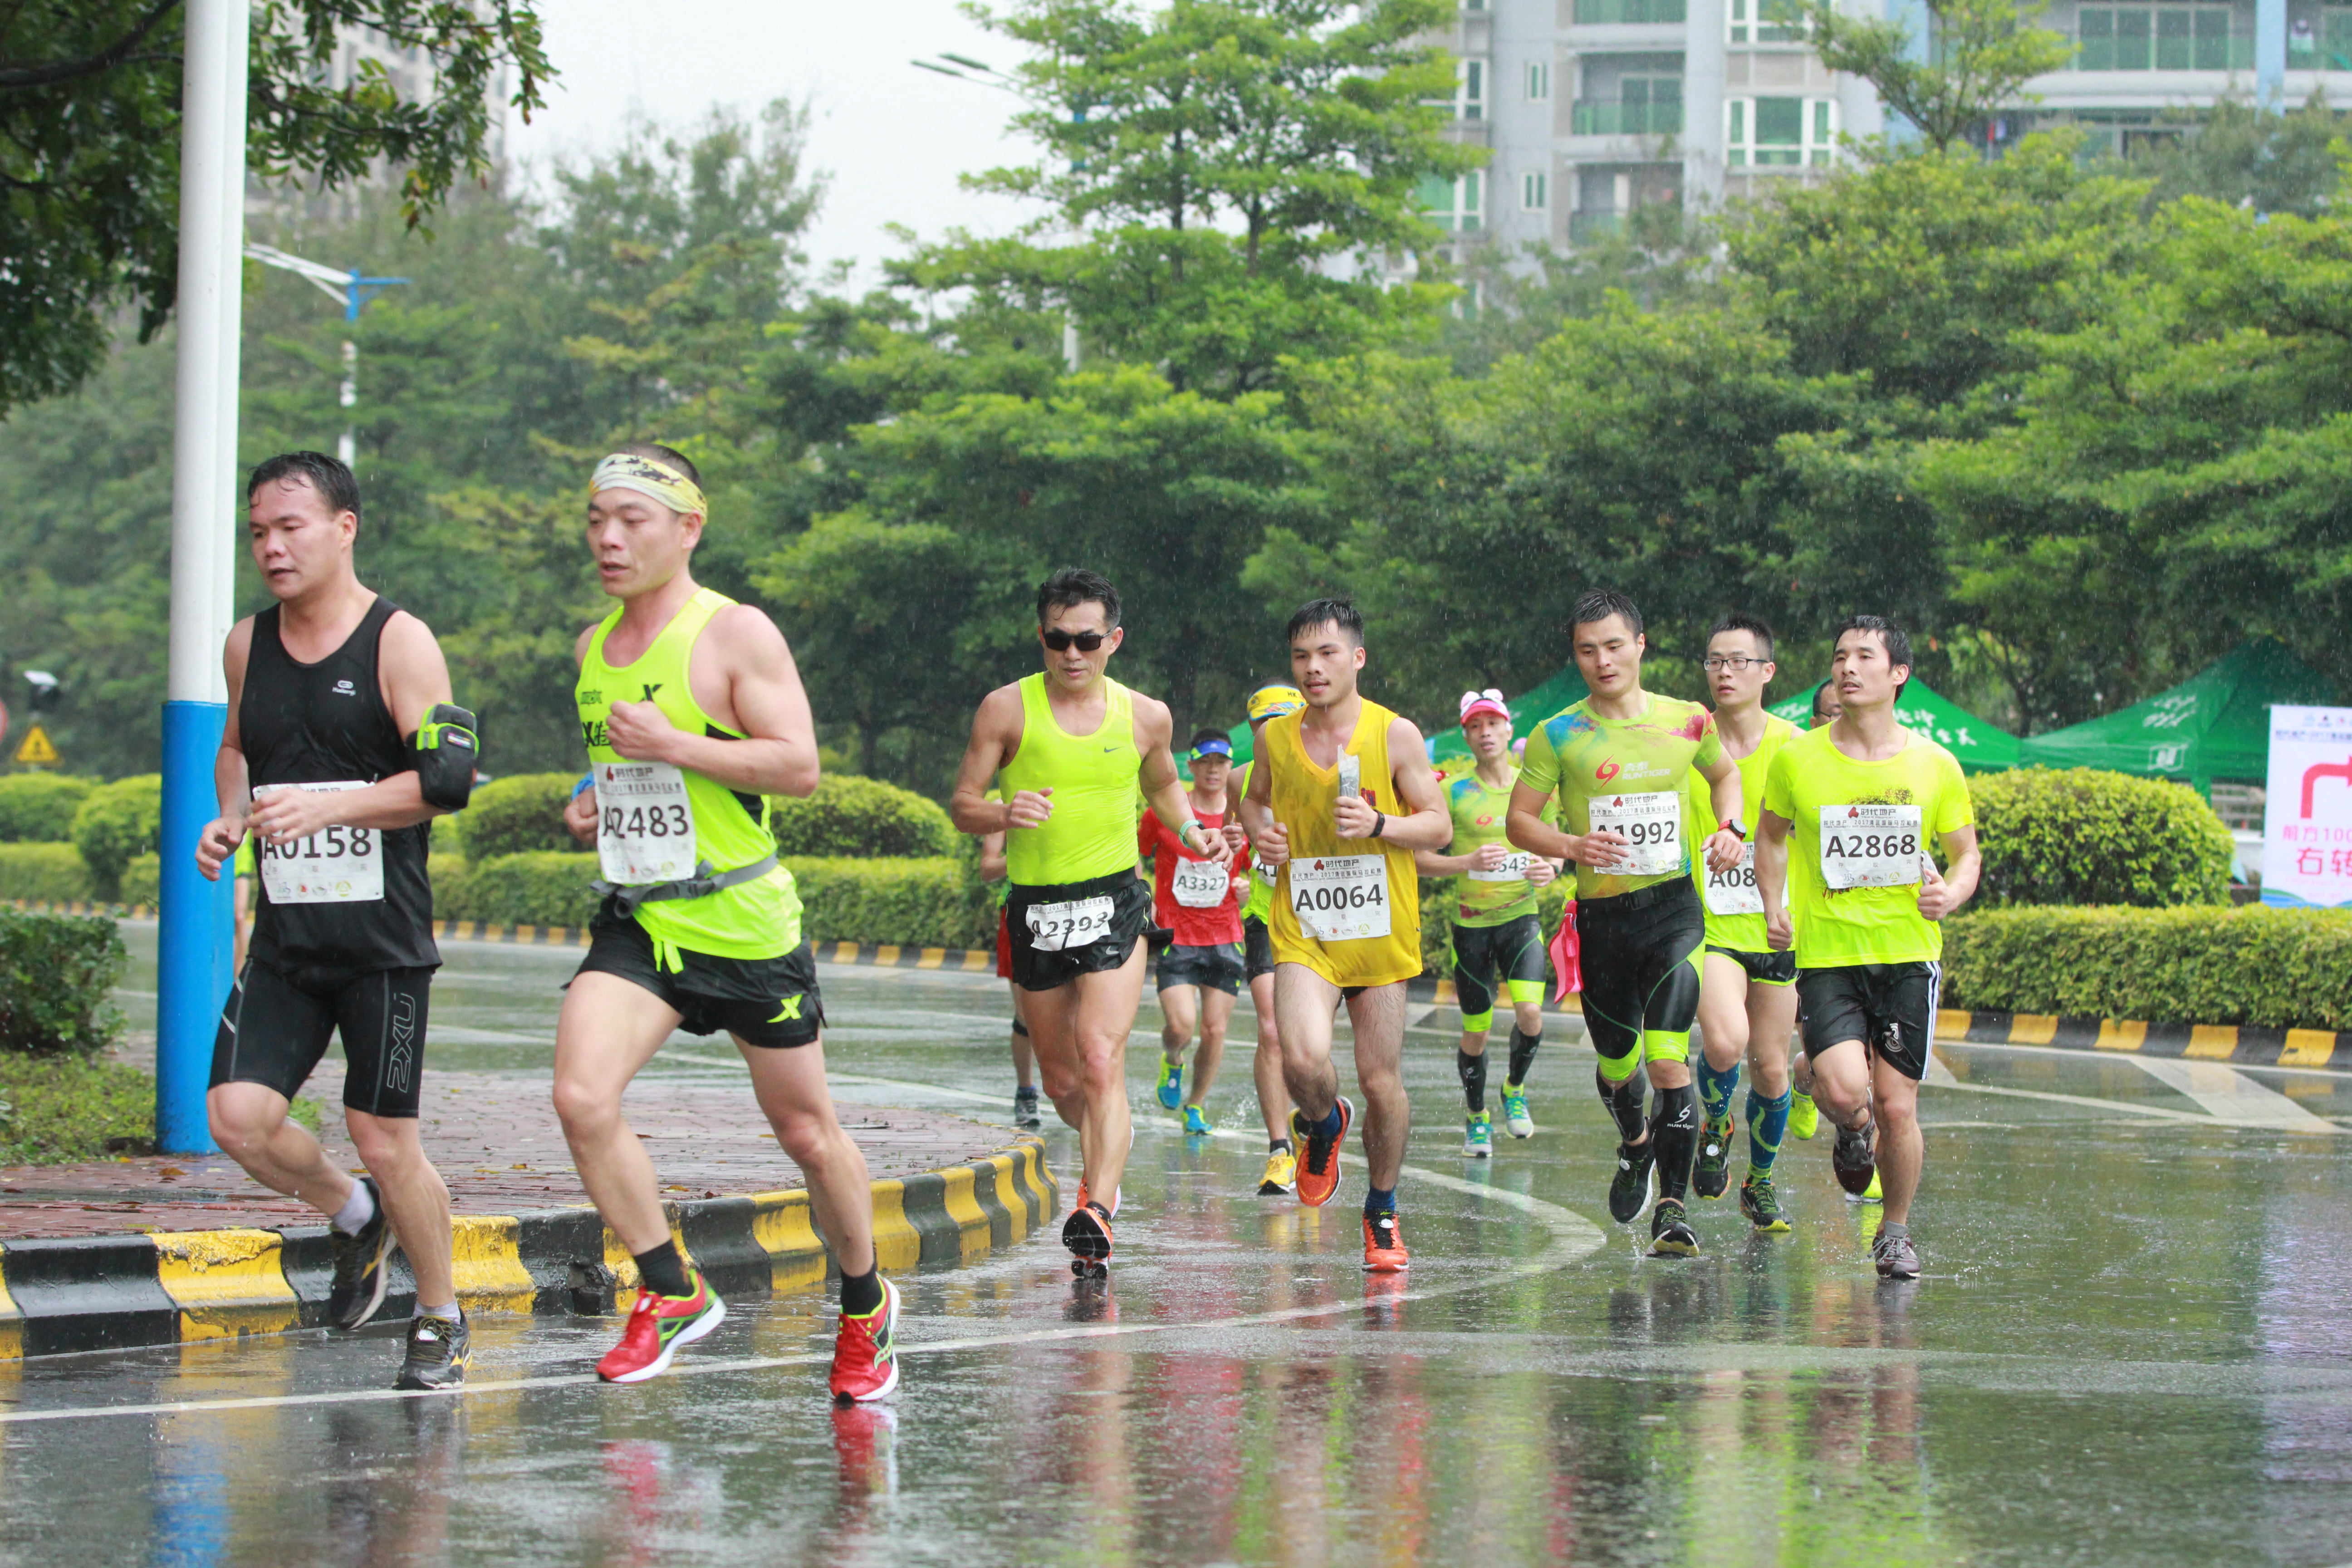 http://img.sport-china.cn/180305115a9cb8af2348b.jpeg